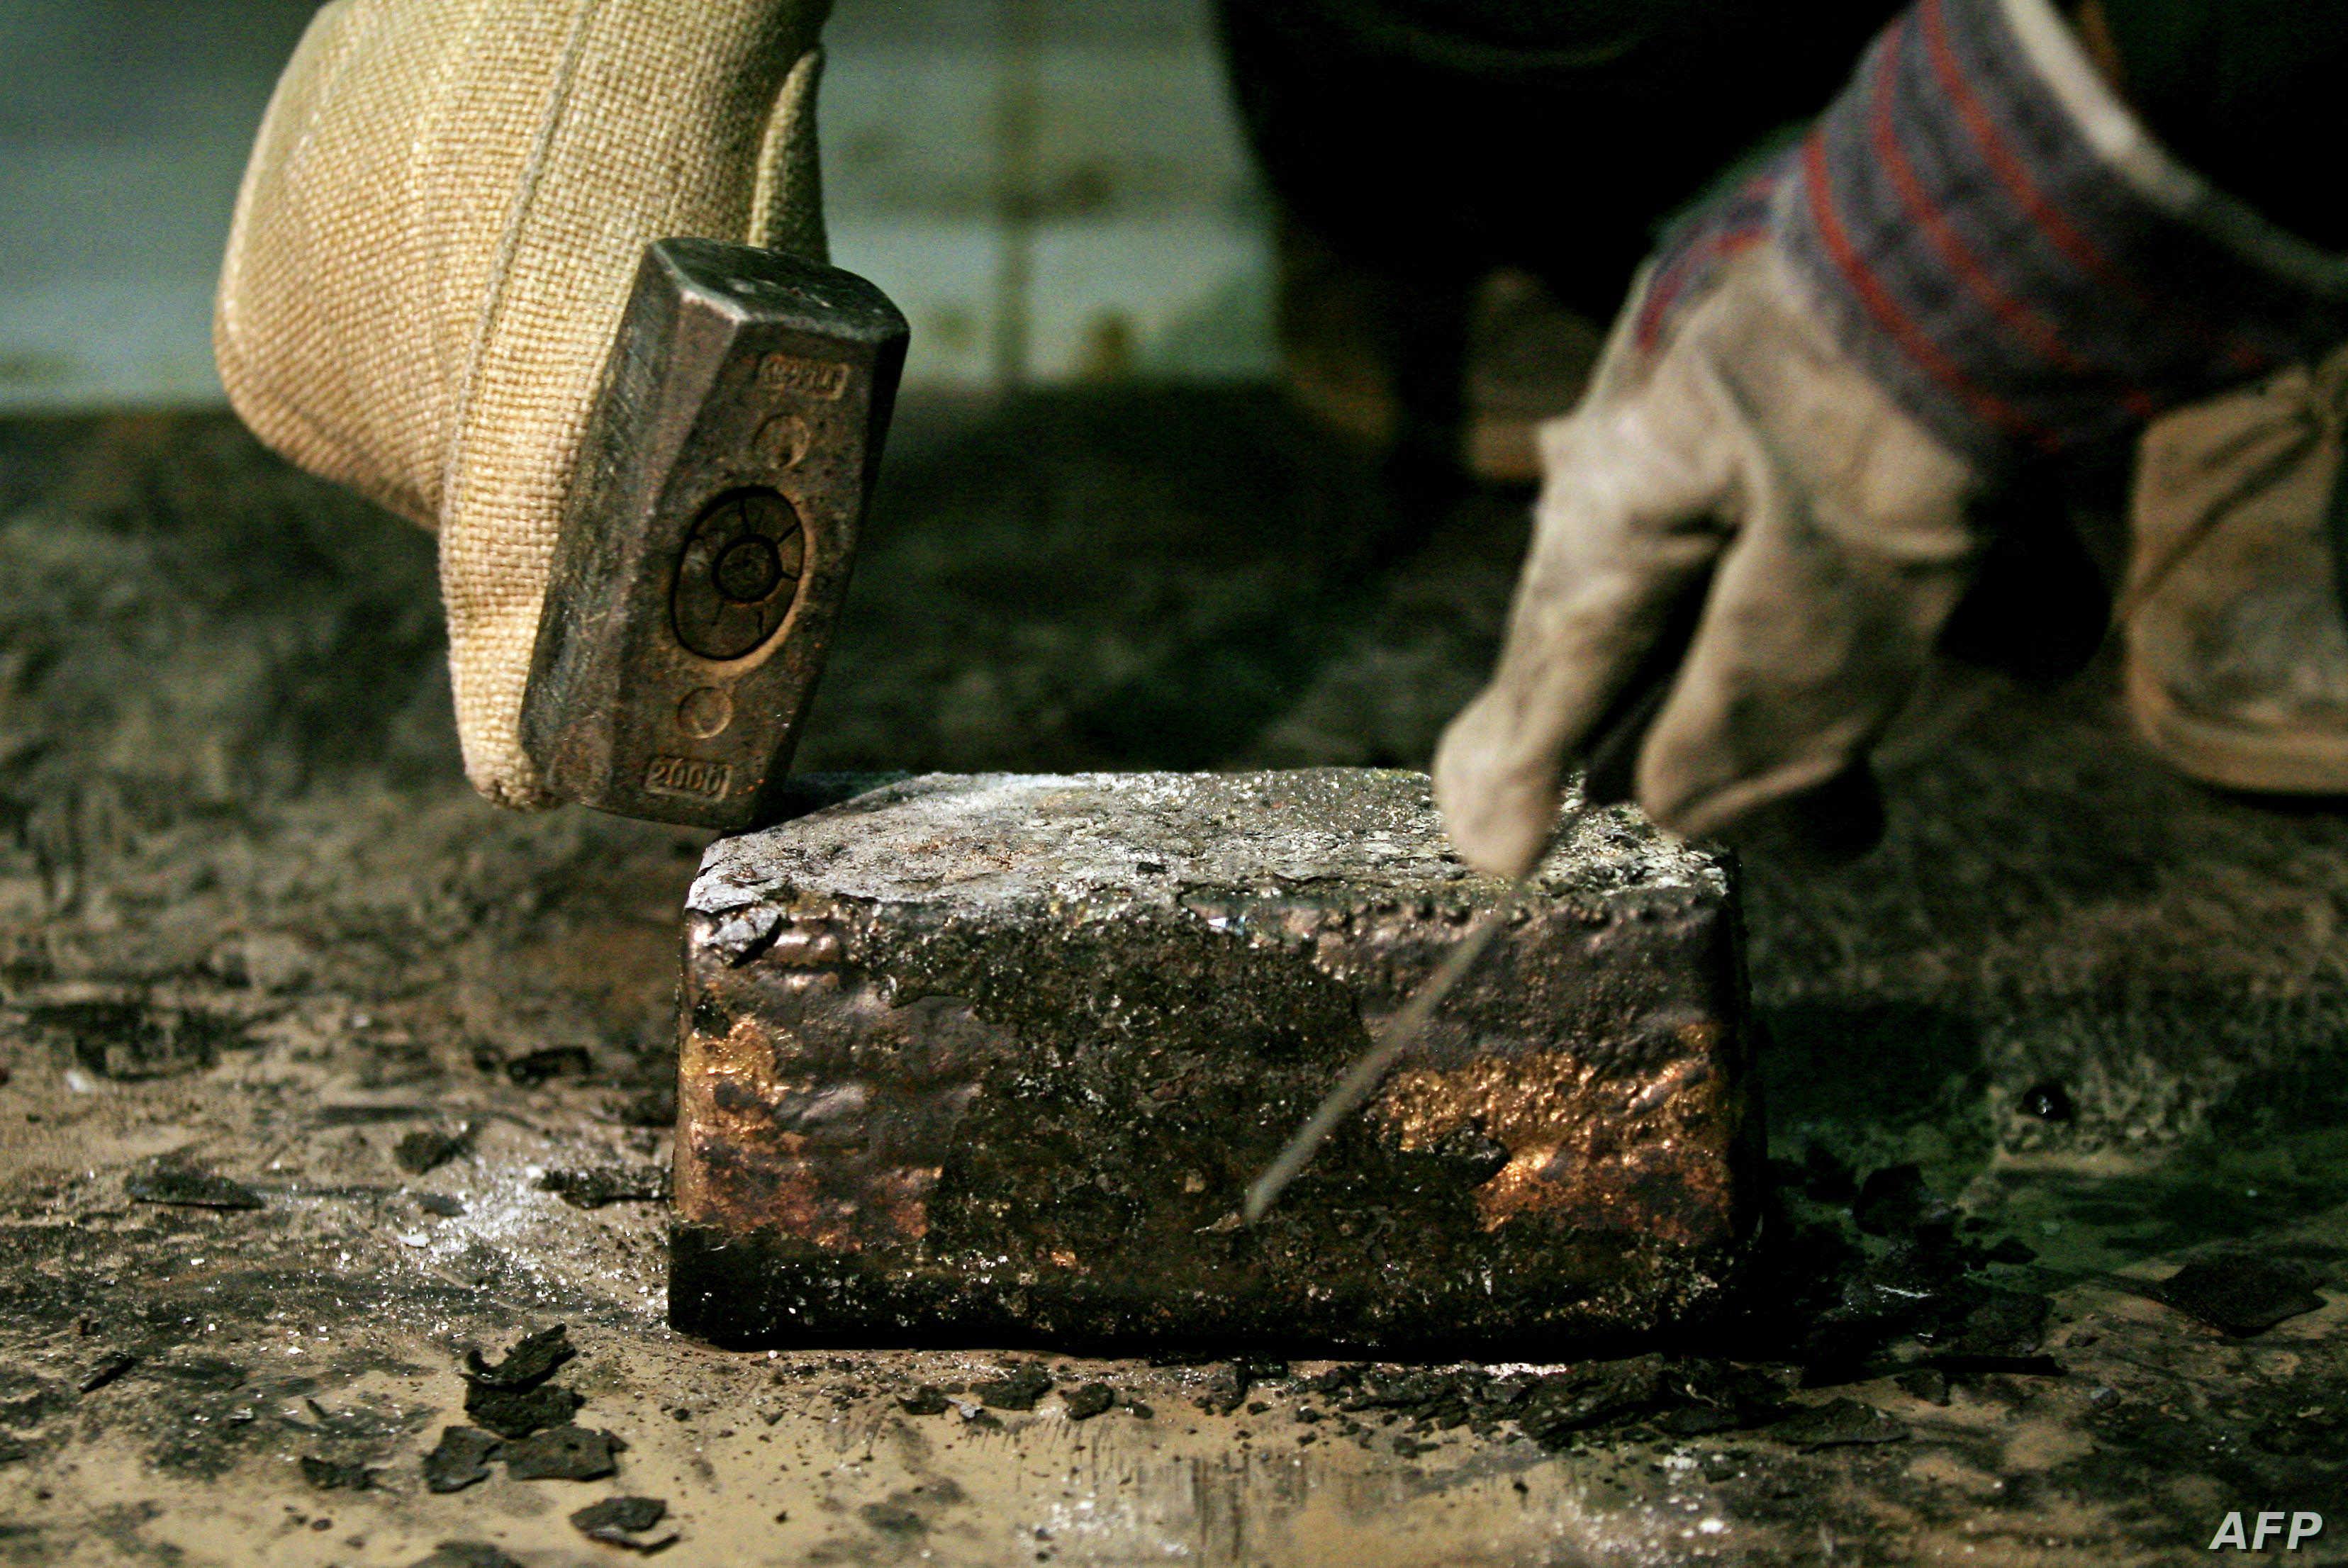 مسؤول سعودي: لم يتم استخراج سوى 8 في المئة من الثروة المعدنية في السعودية